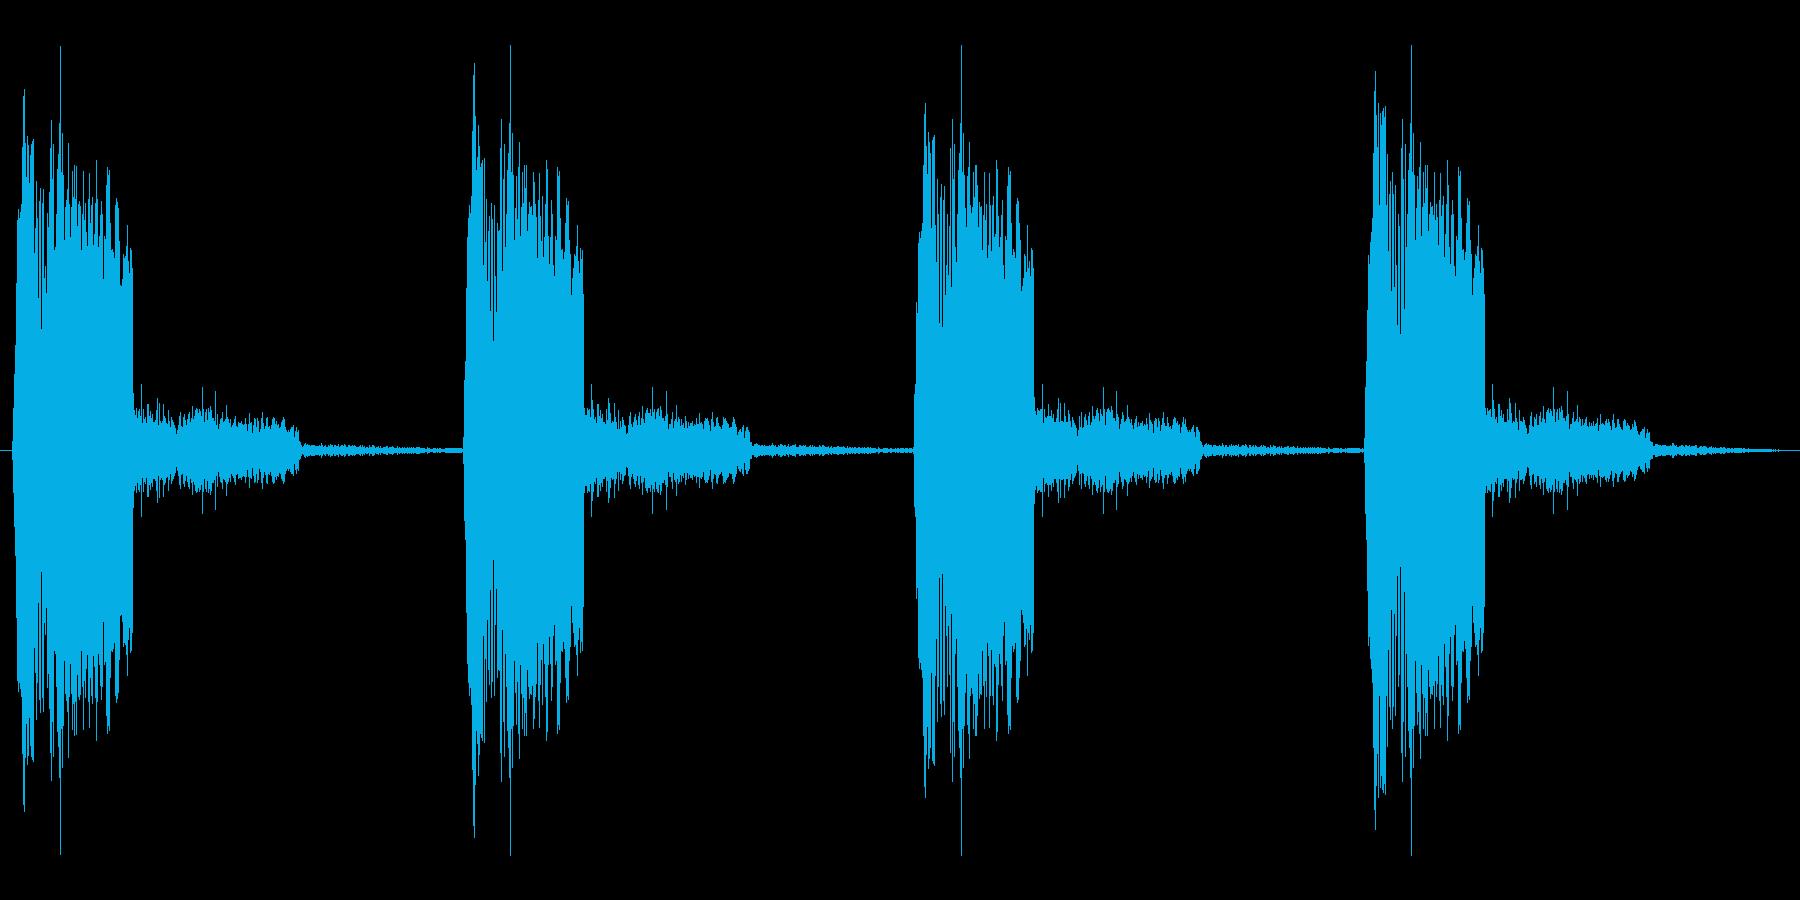 うるさすぎない警報音ループの再生済みの波形